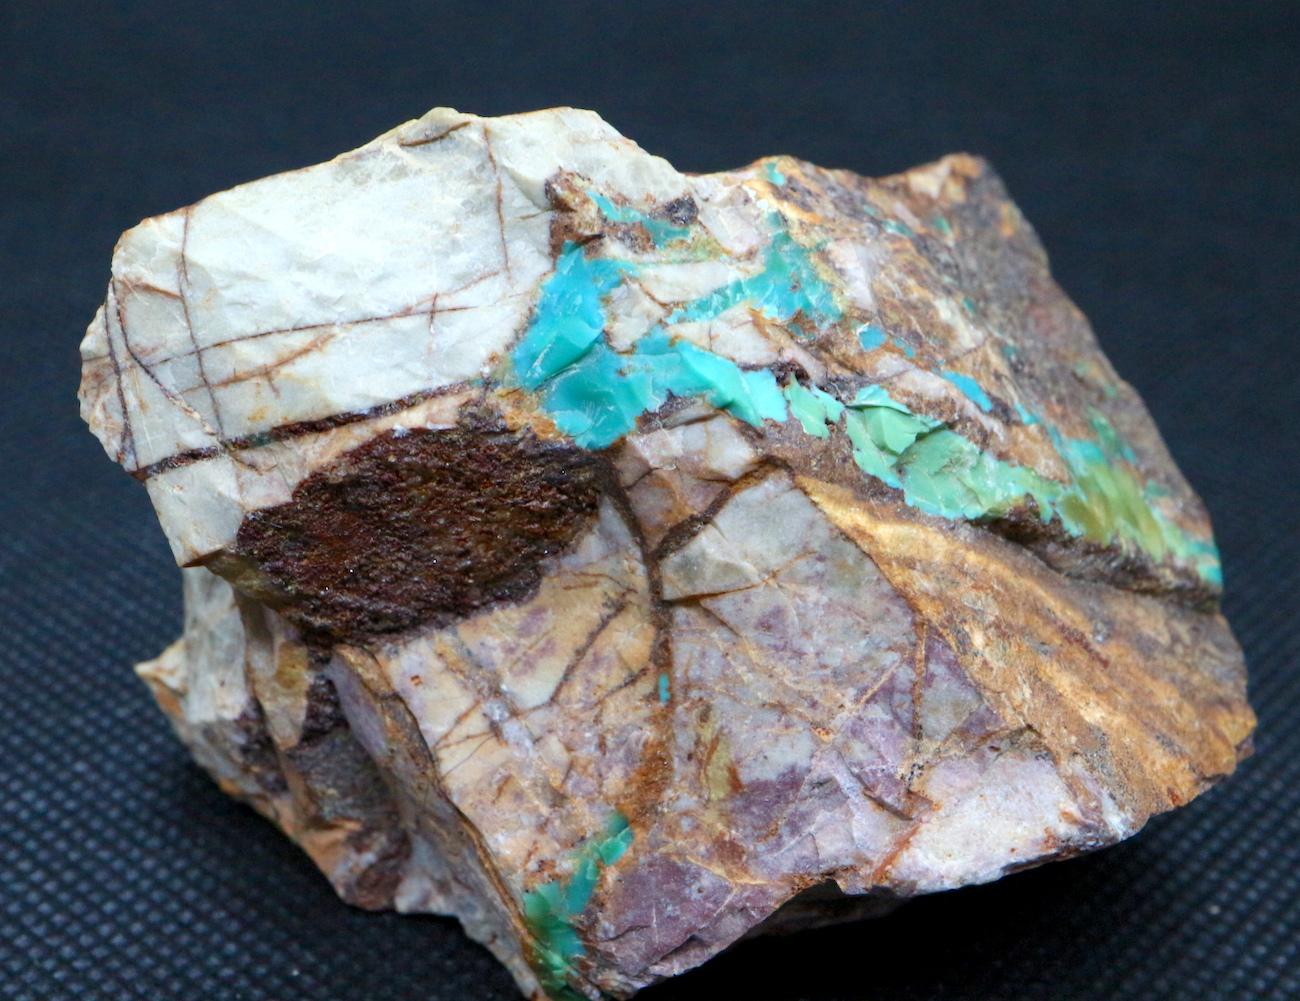 ロイストン ターコイズ トルコ石 ネバタ州産 原石 190g TQ144 鉱物 天然石 パワーストーン